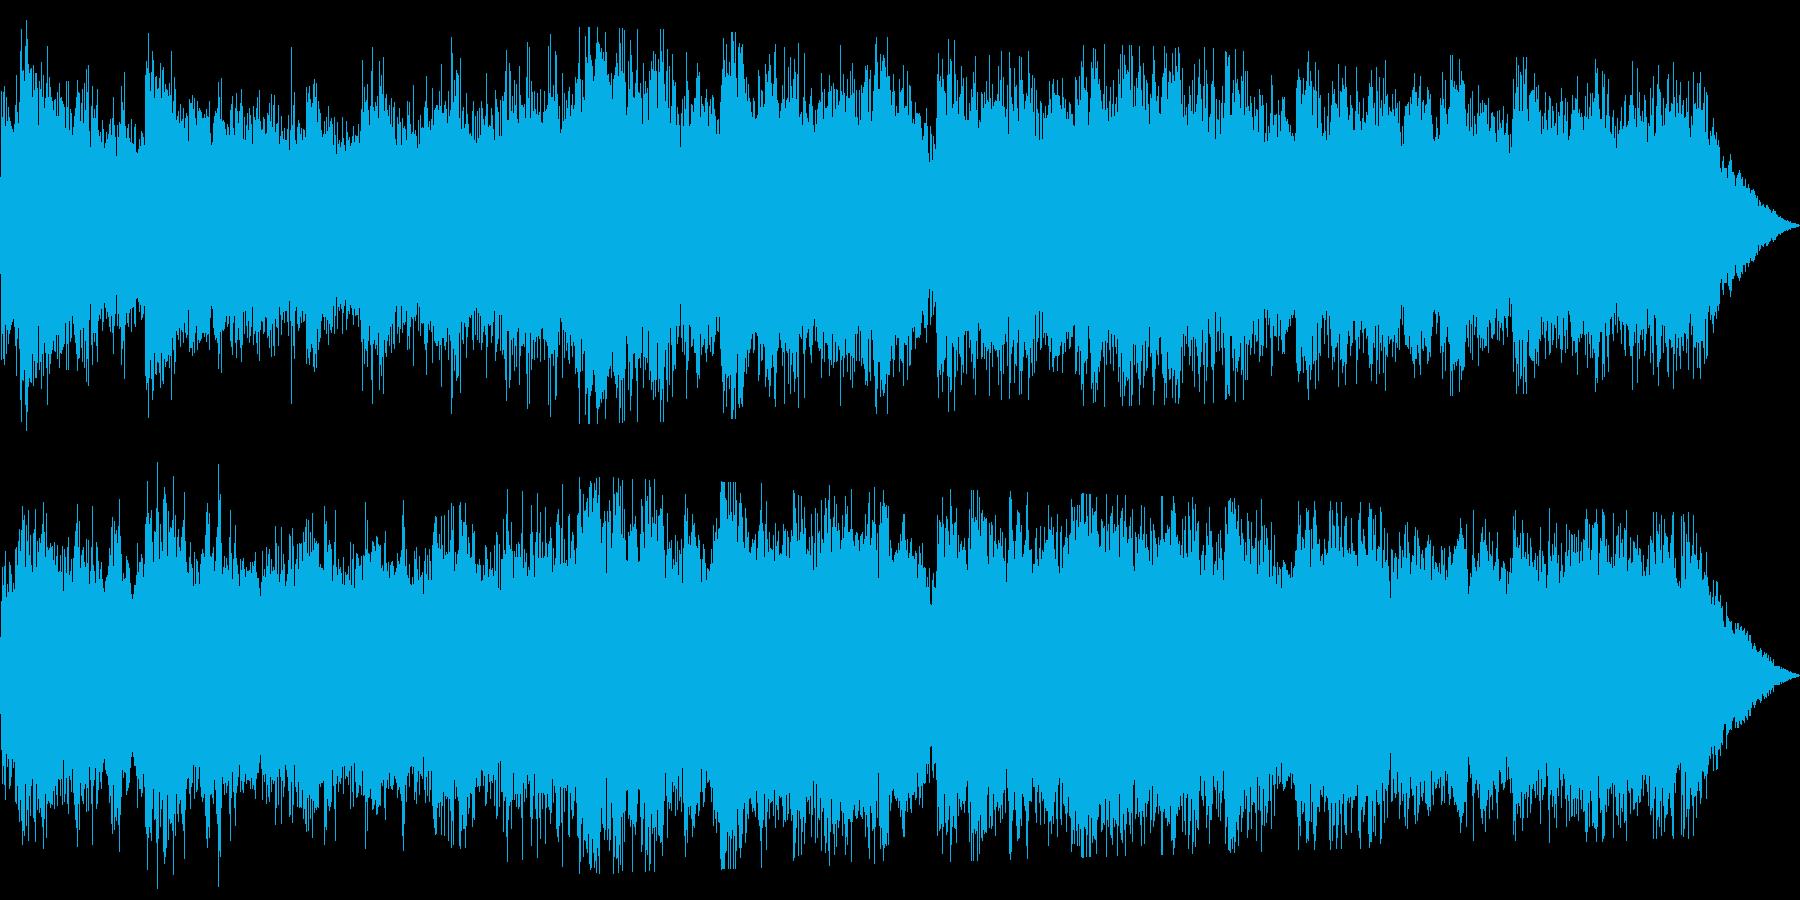 重低音が響くホラーサウンドです。の再生済みの波形